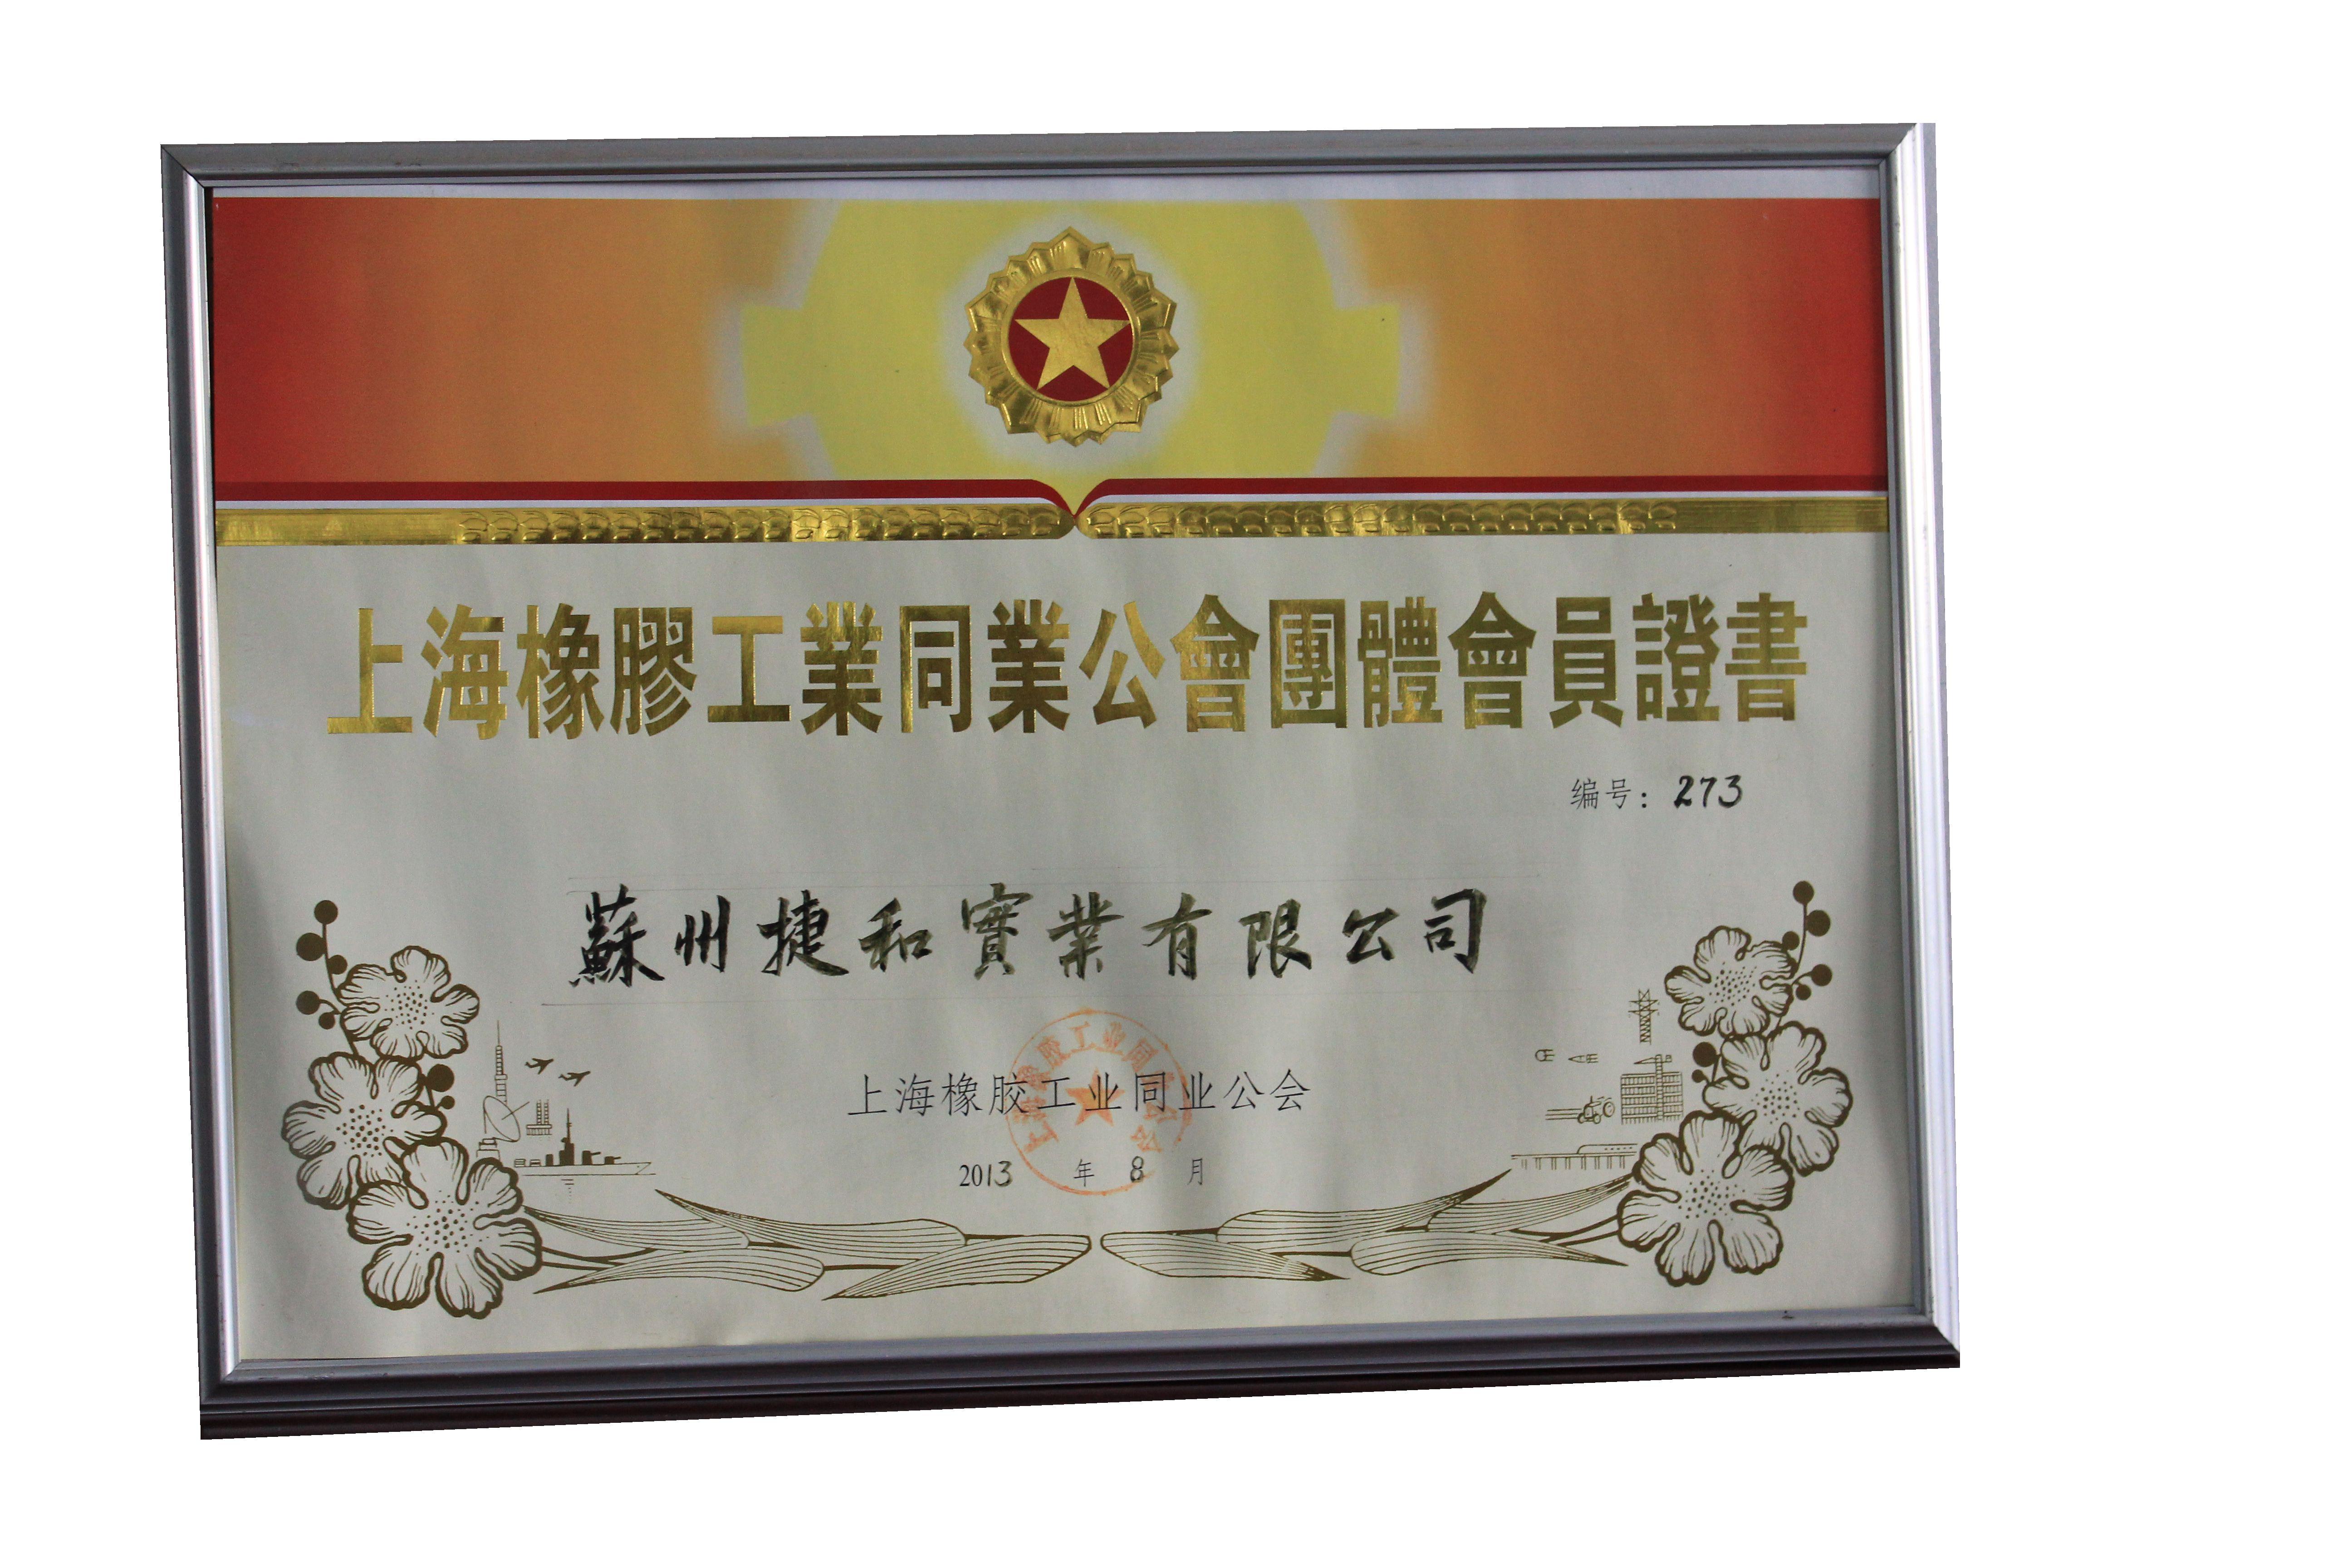 上海橡胶工业同业公会